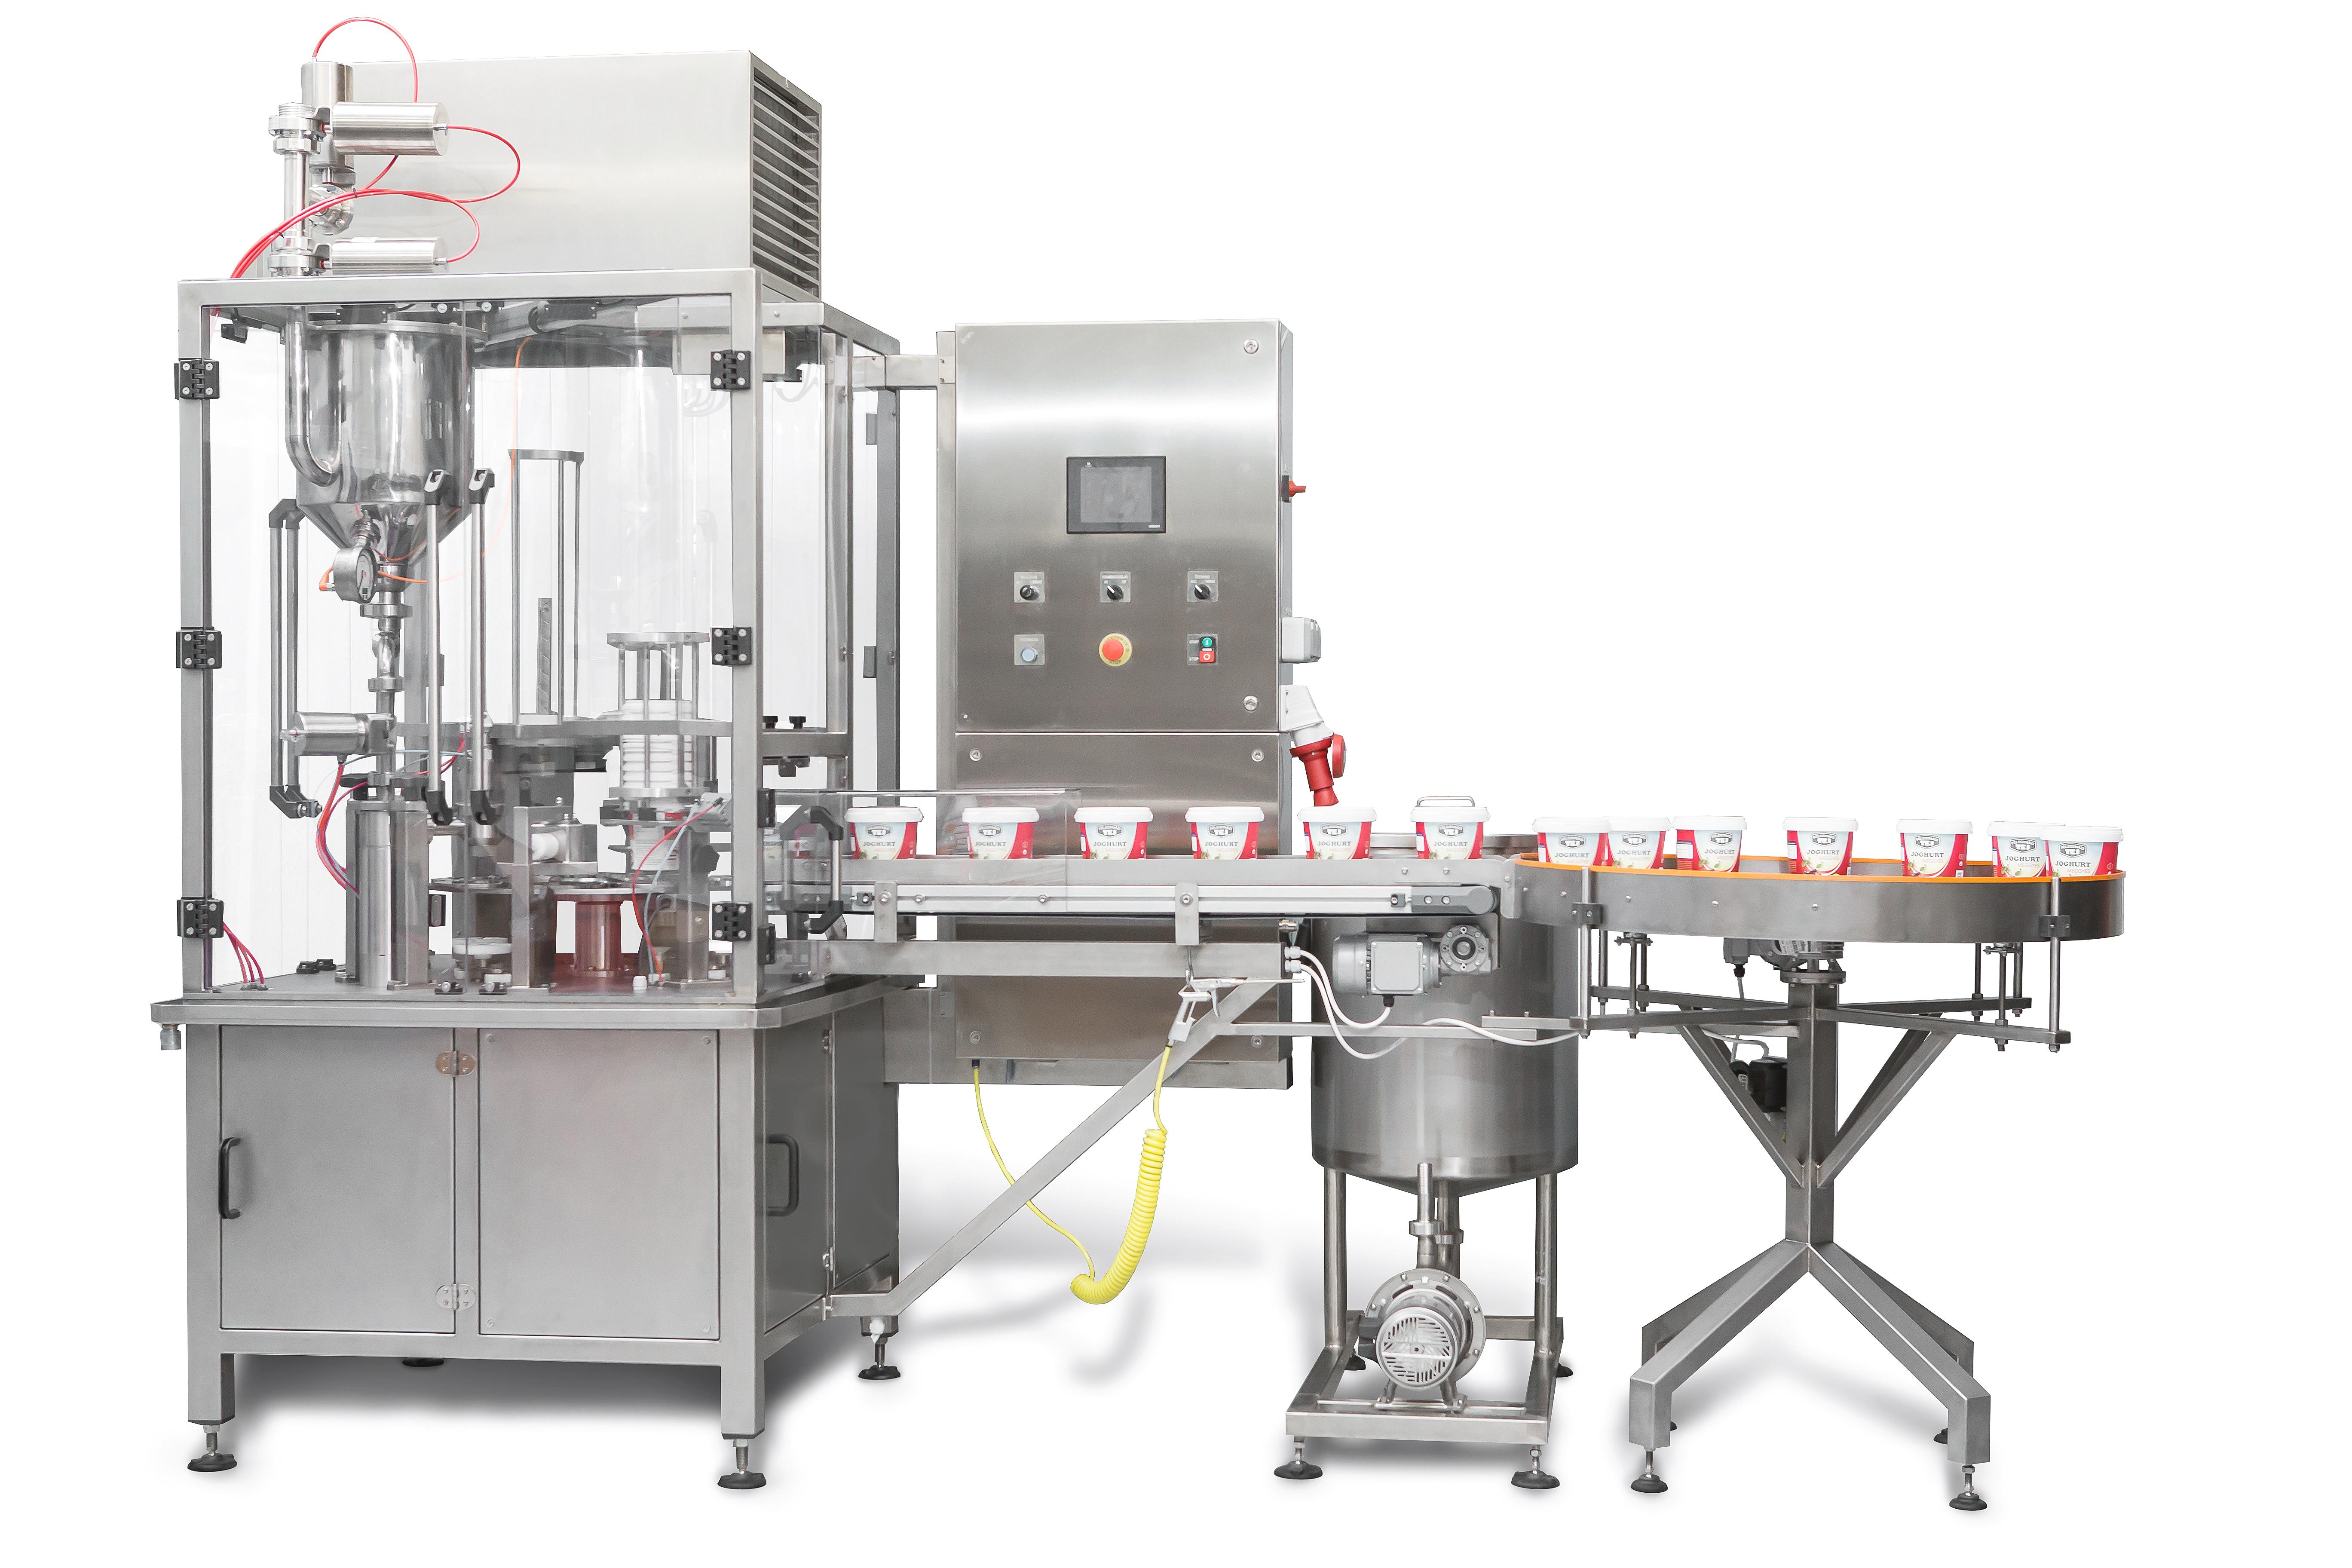 Automata tejföl csomagoló gép